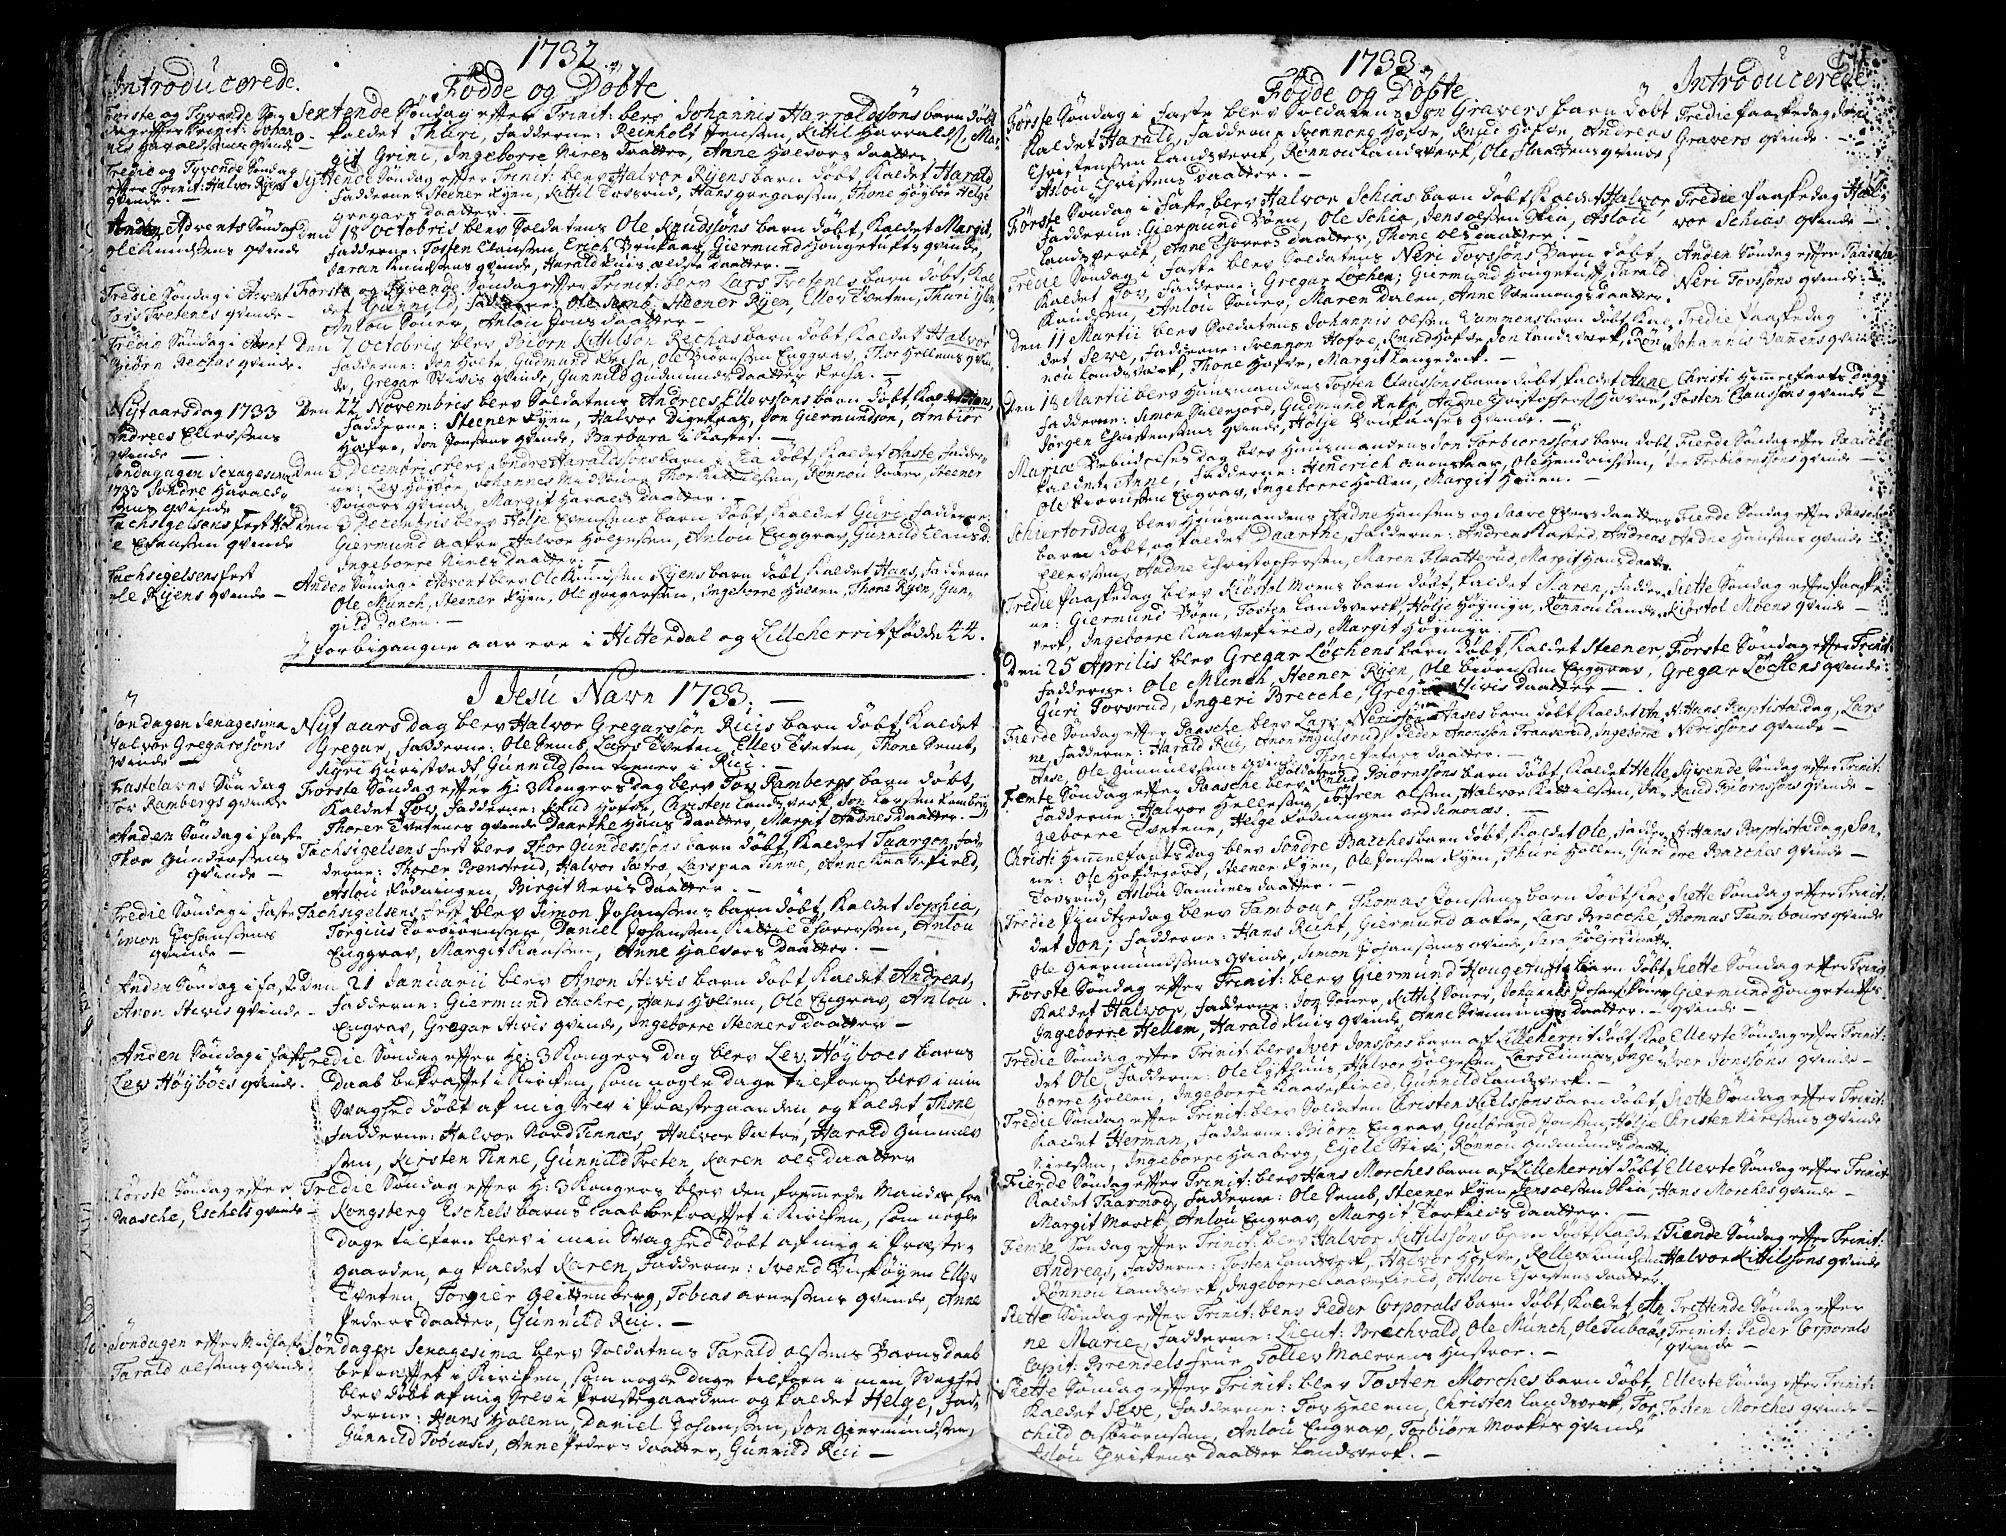 SAKO, Heddal kirkebøker, F/Fa/L0003: Ministerialbok nr. I 3, 1723-1783, s. 64